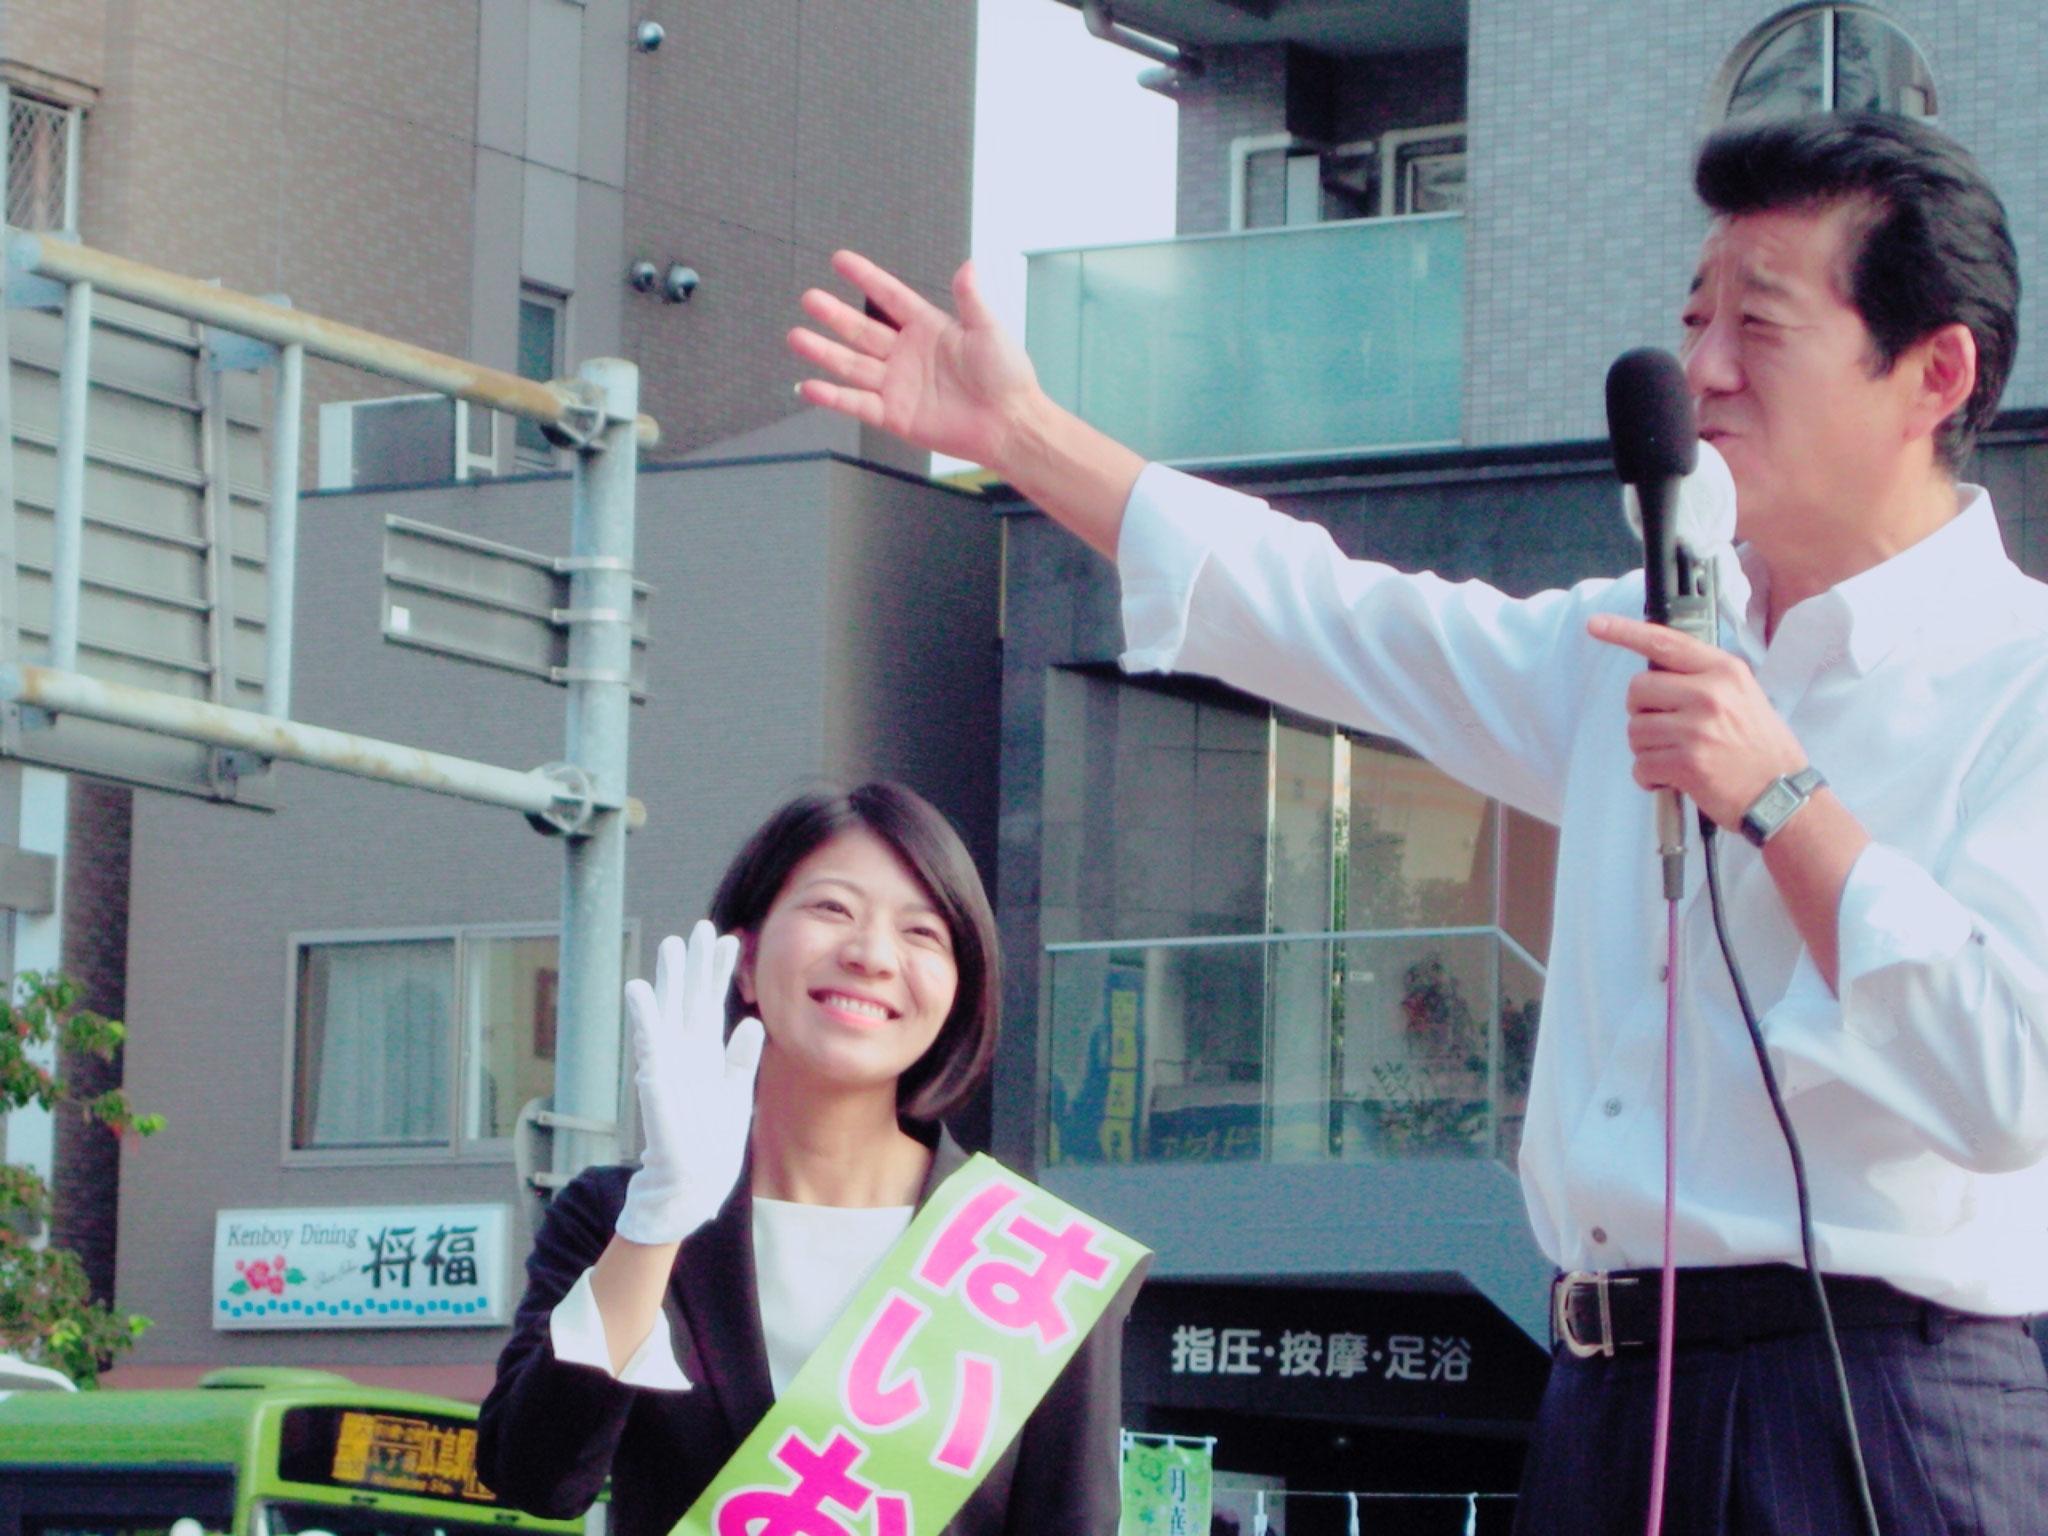 松井一郎代表が応援に駆けつけてくれました。(H29衆院選)